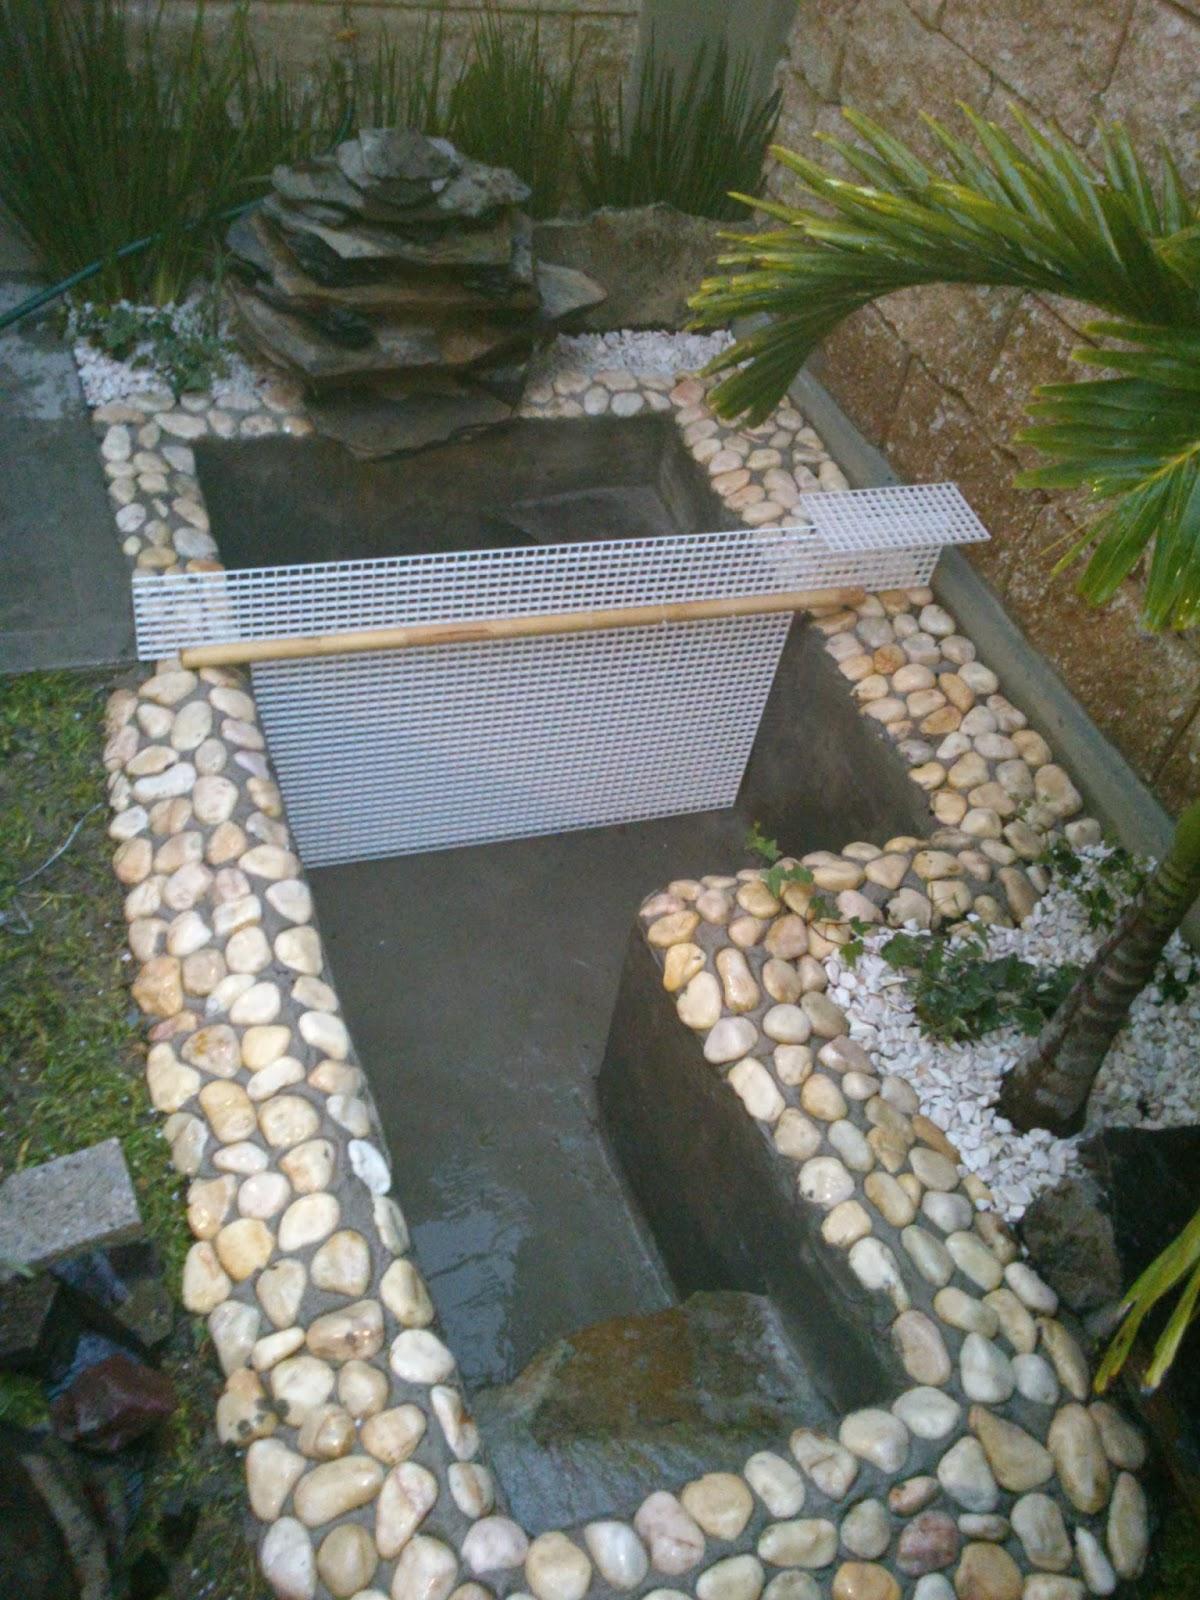 El estanque de mis tortugas diciembre 2013 for Estanque de tortugas